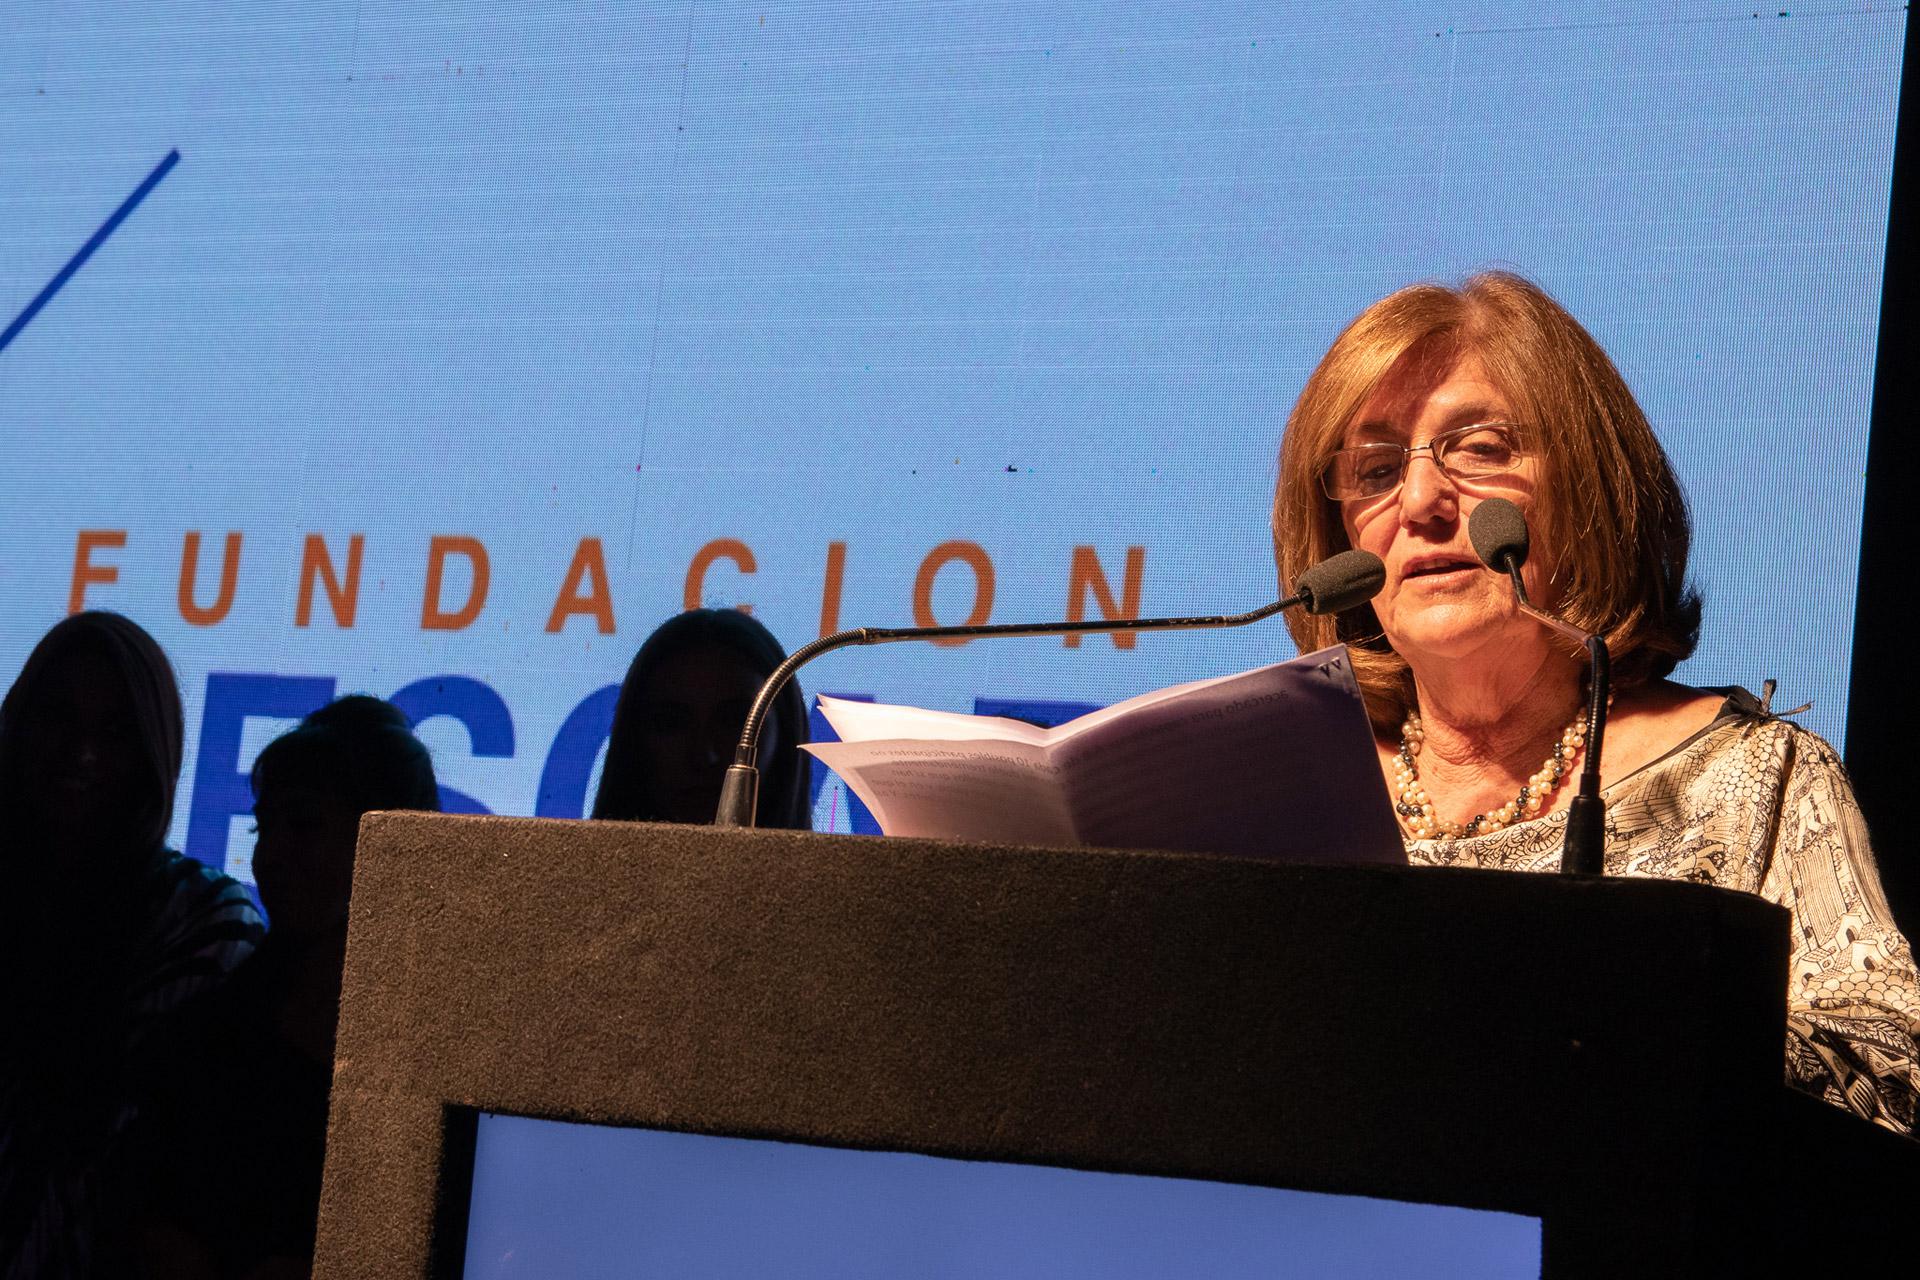 El discurso de Silvia Uranga, directora de la Fundación Pescar, una organización de la sociedad civil cuyo objetivo principal es formar a personas en situación de vulnerabilidad, para que puedan insertarse en el mundo del trabajo y diseñar un proyecto de vida realista